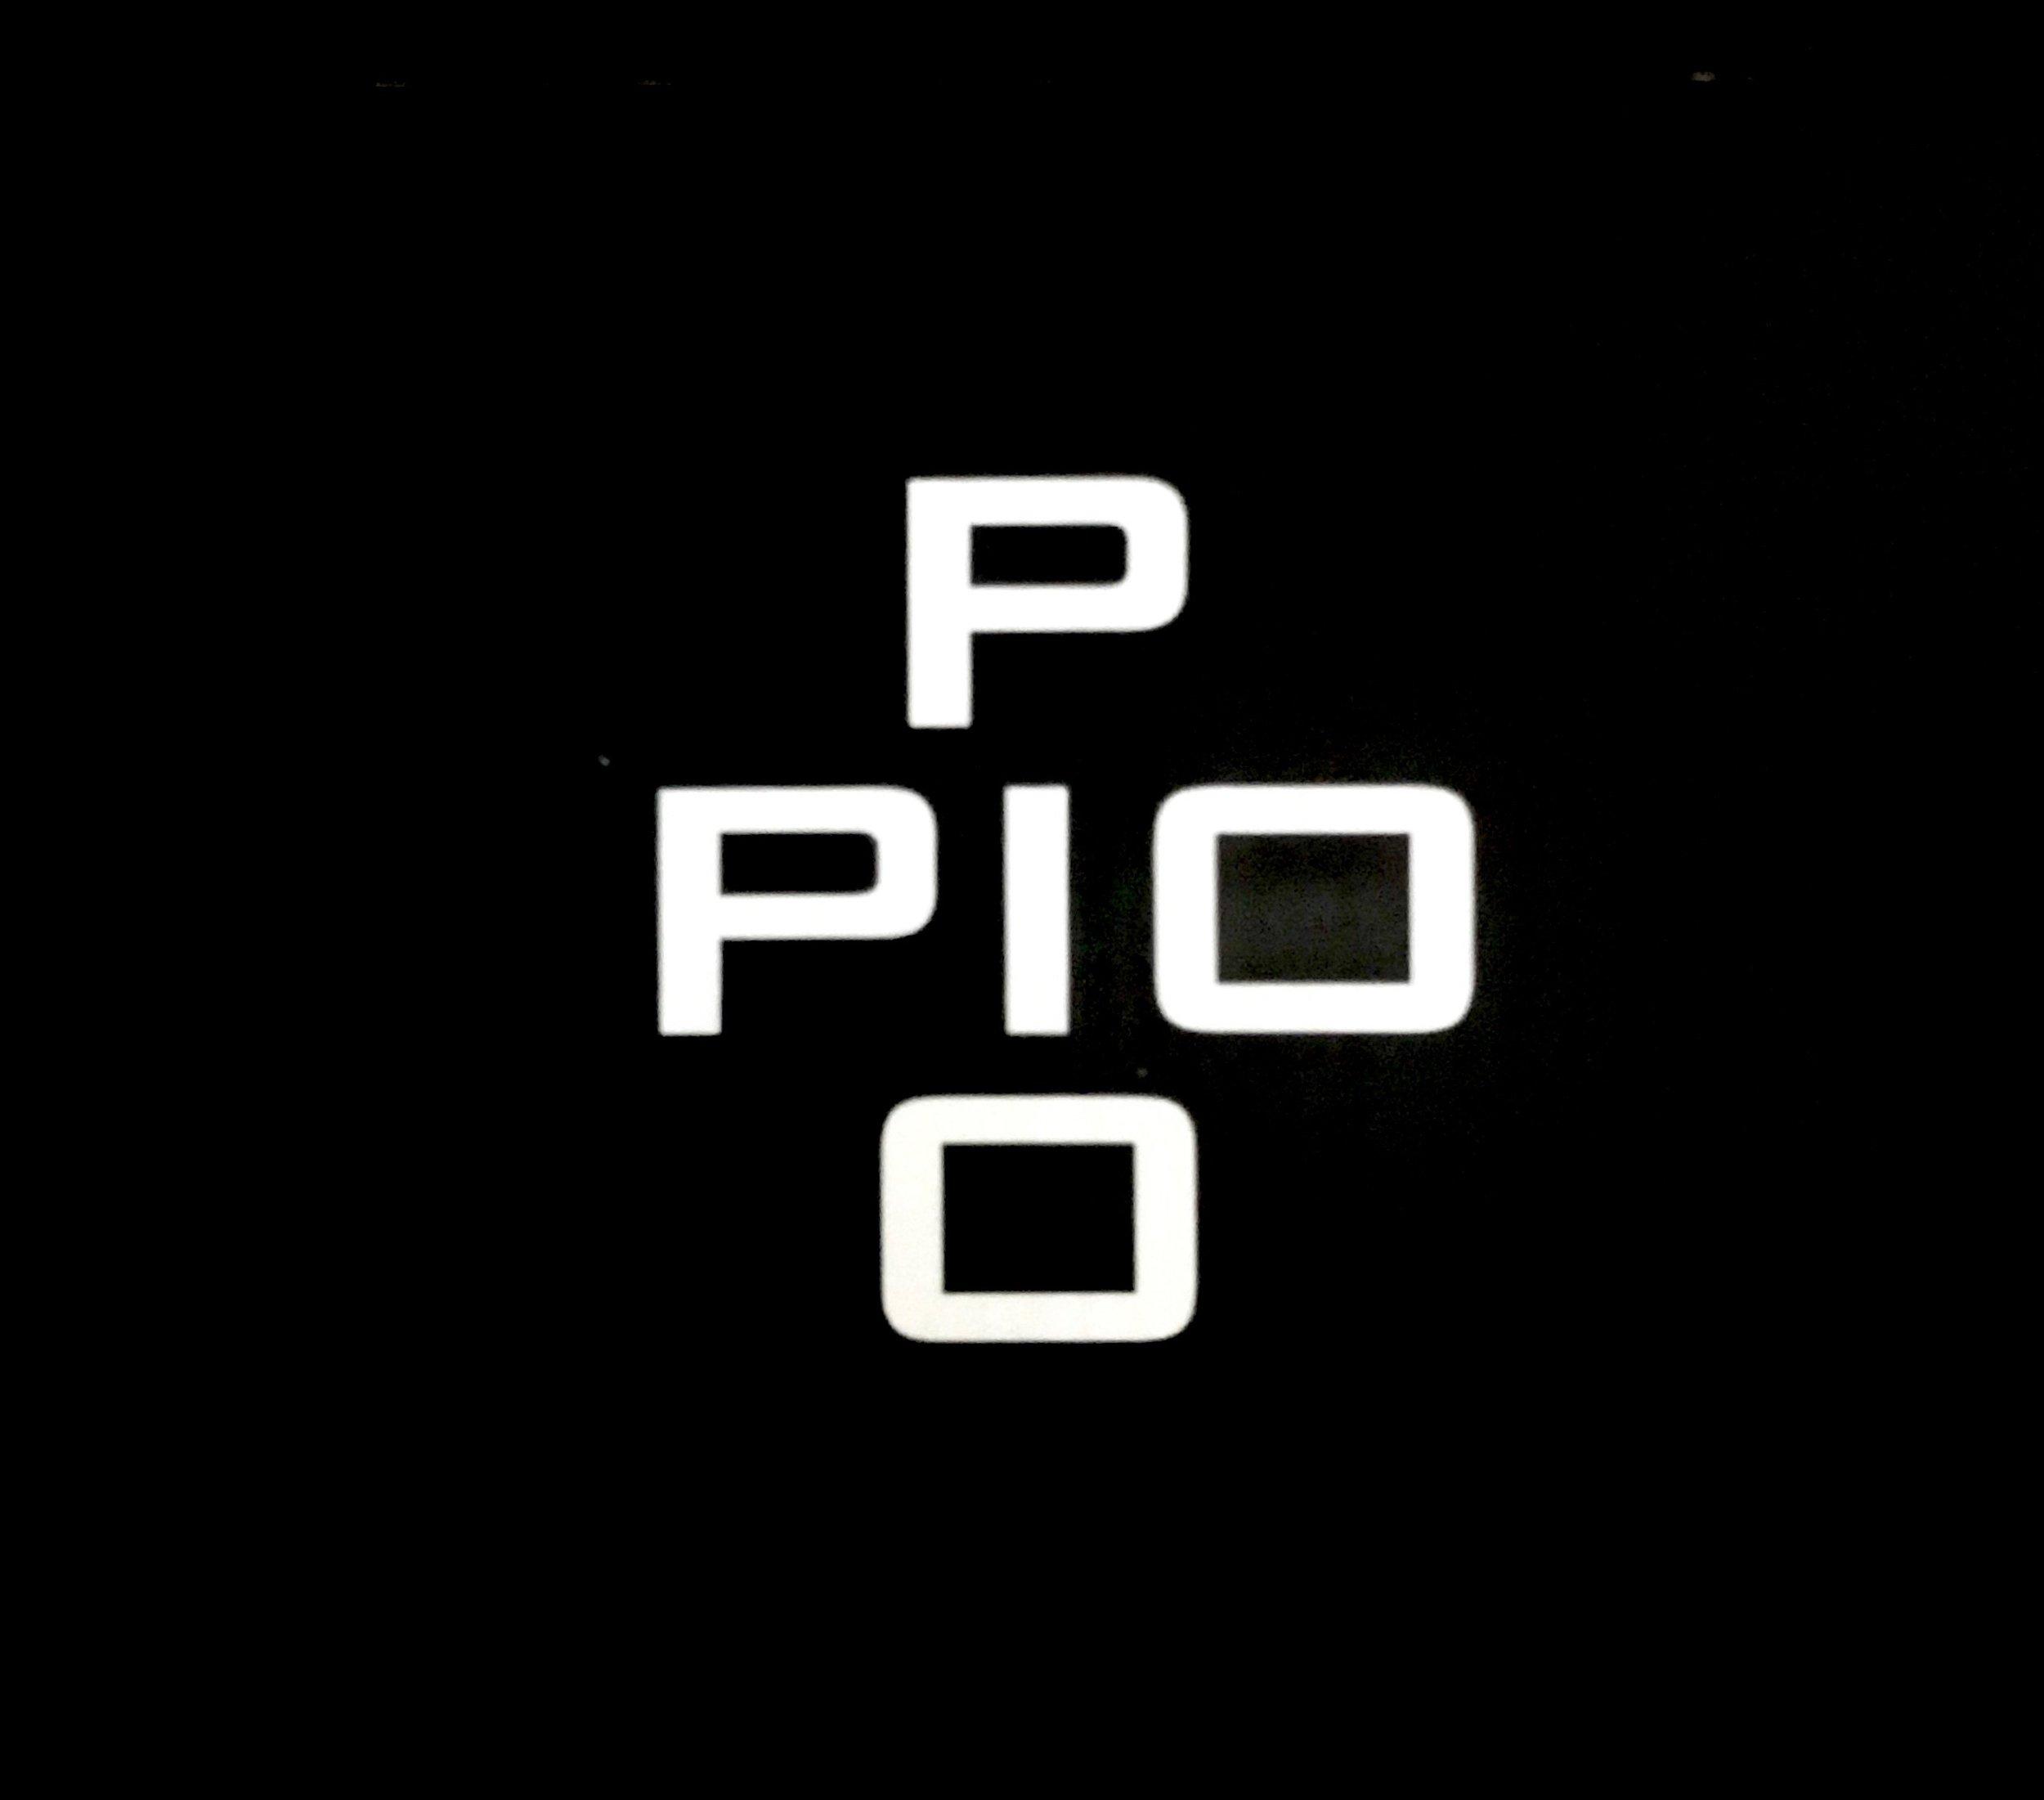 Pio Pio_logo black.JPG